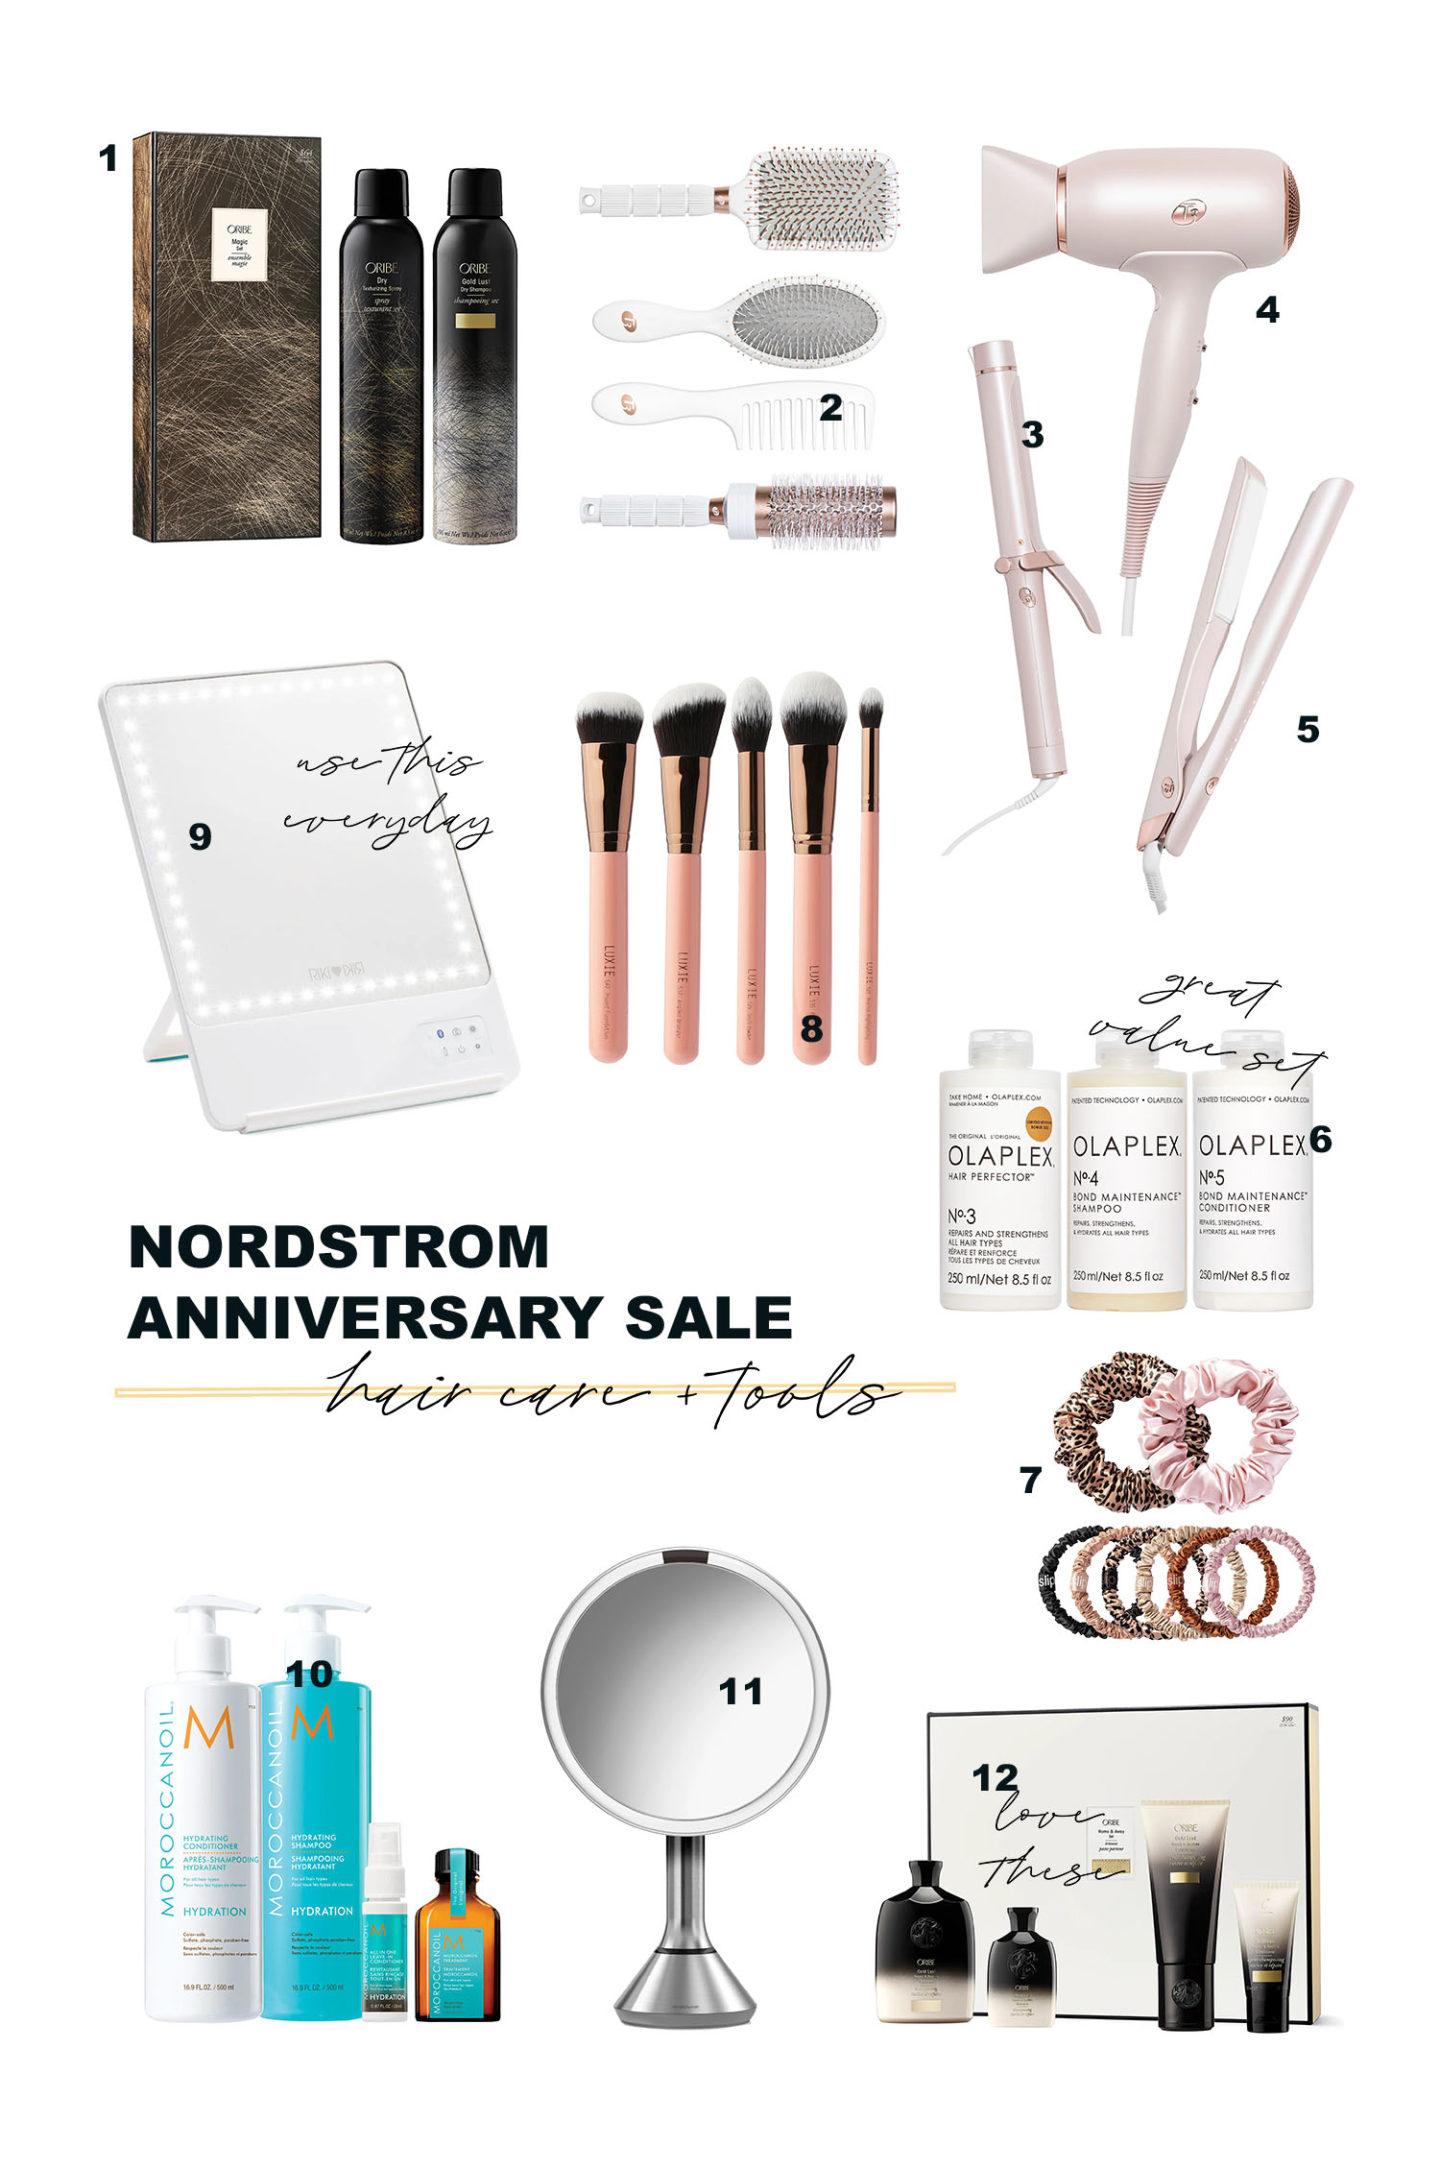 Vente d'anniversaire Nordstrom 2021 Exclusivités beauté Soins et outils capillaires